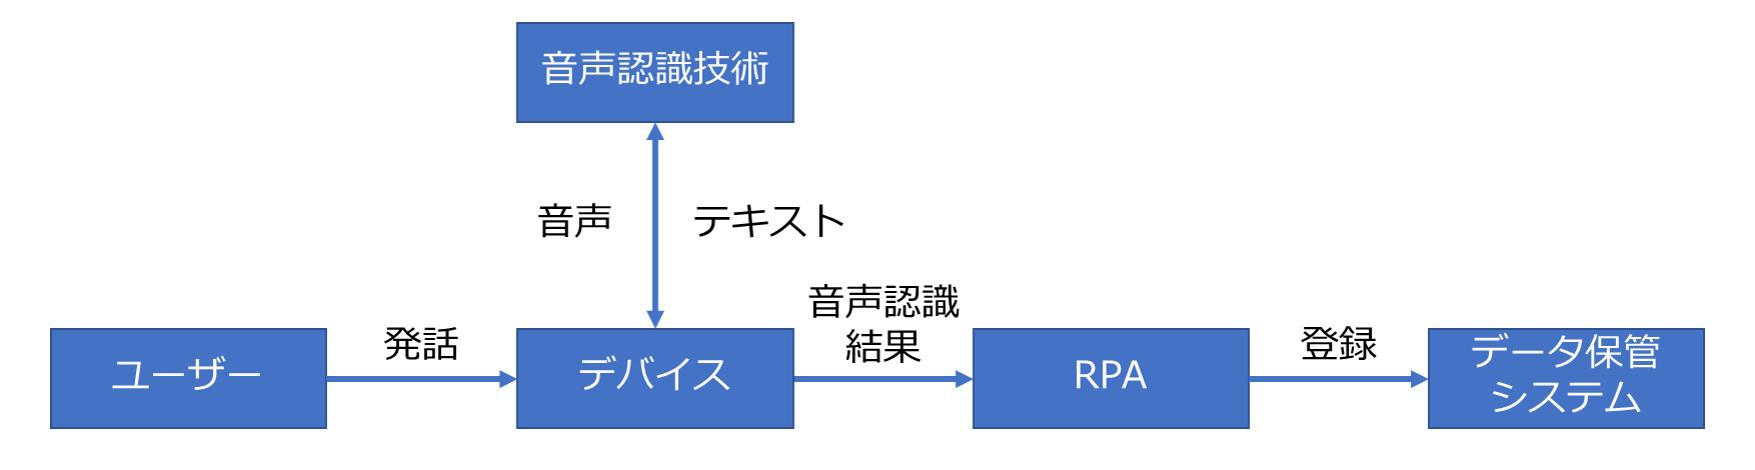 音声認識RPAフロー図